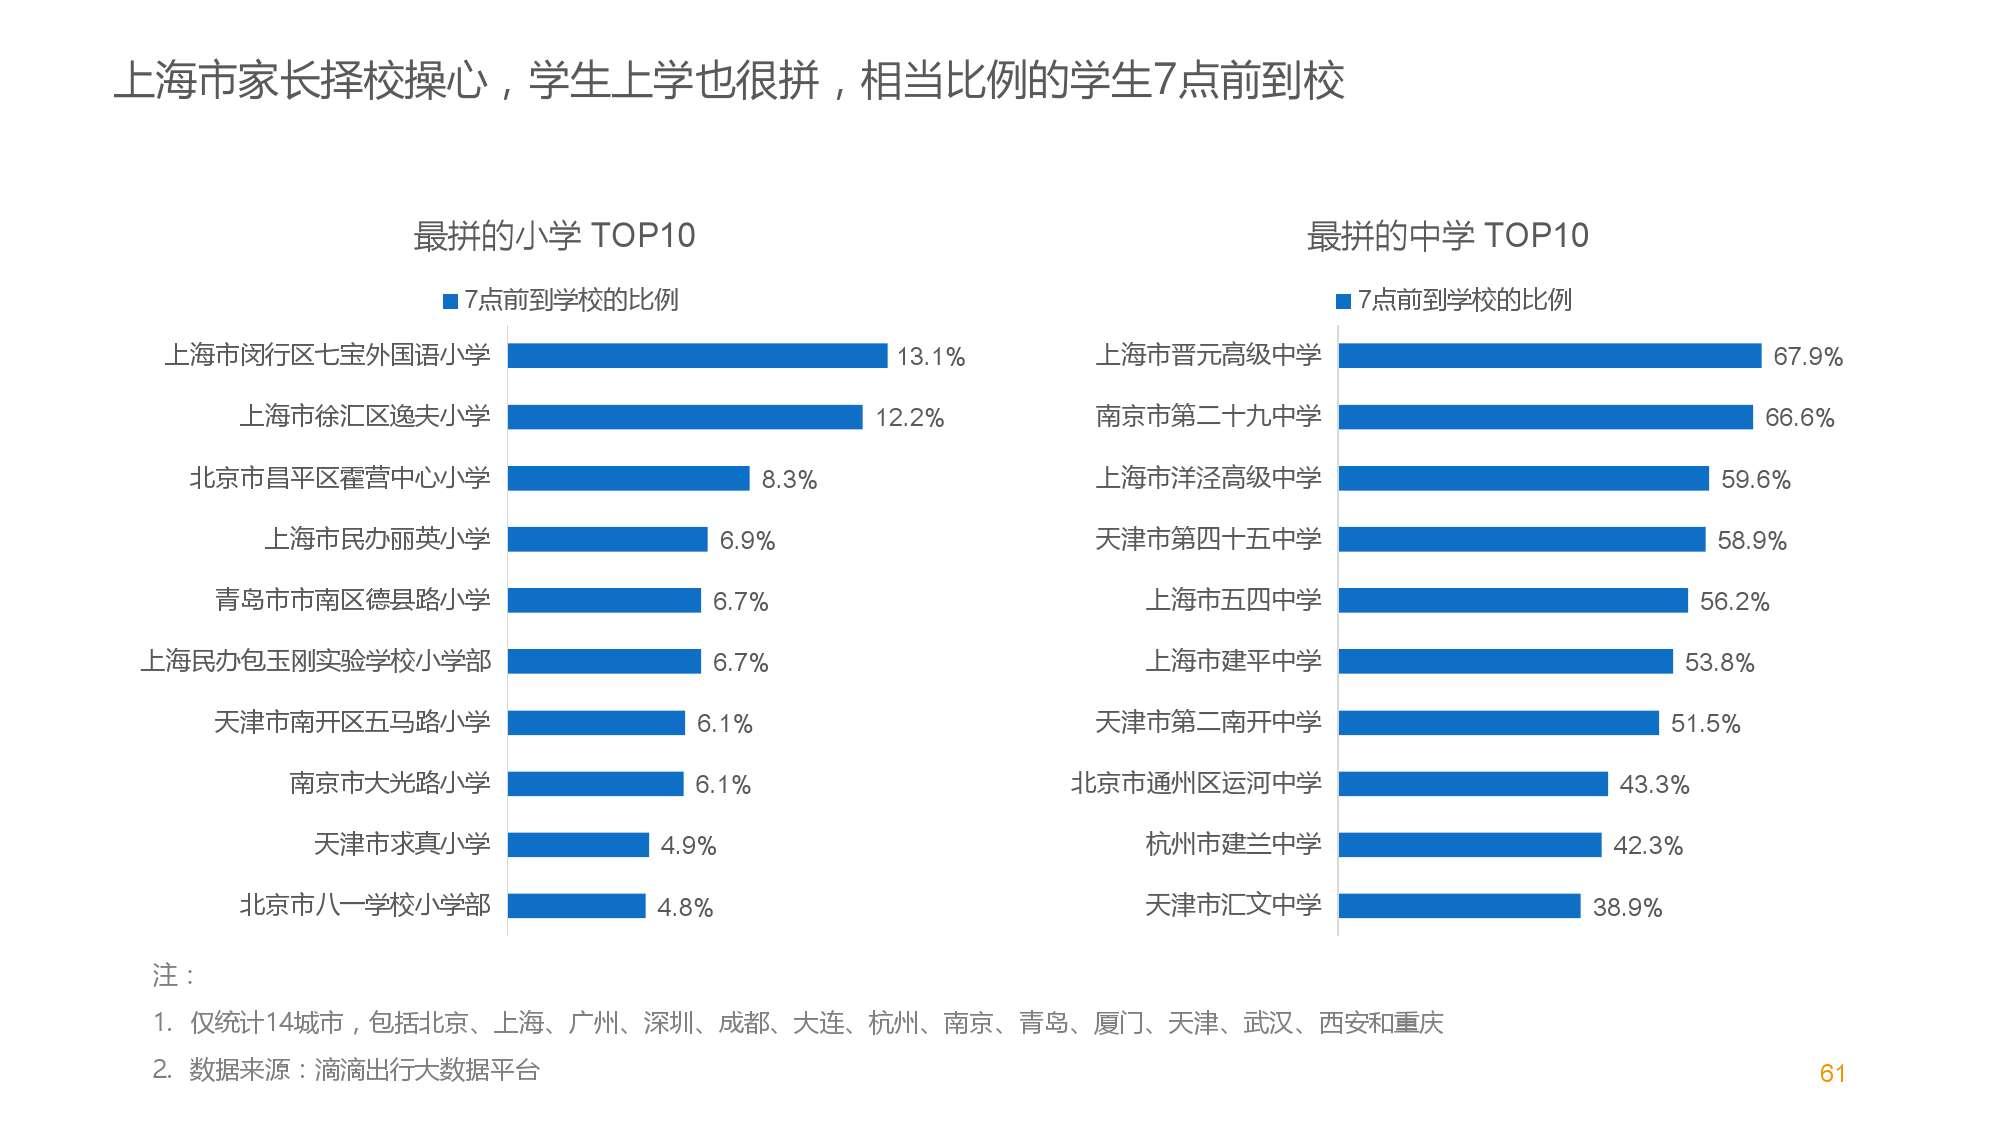 中国智能出行2015大数据报告_000061